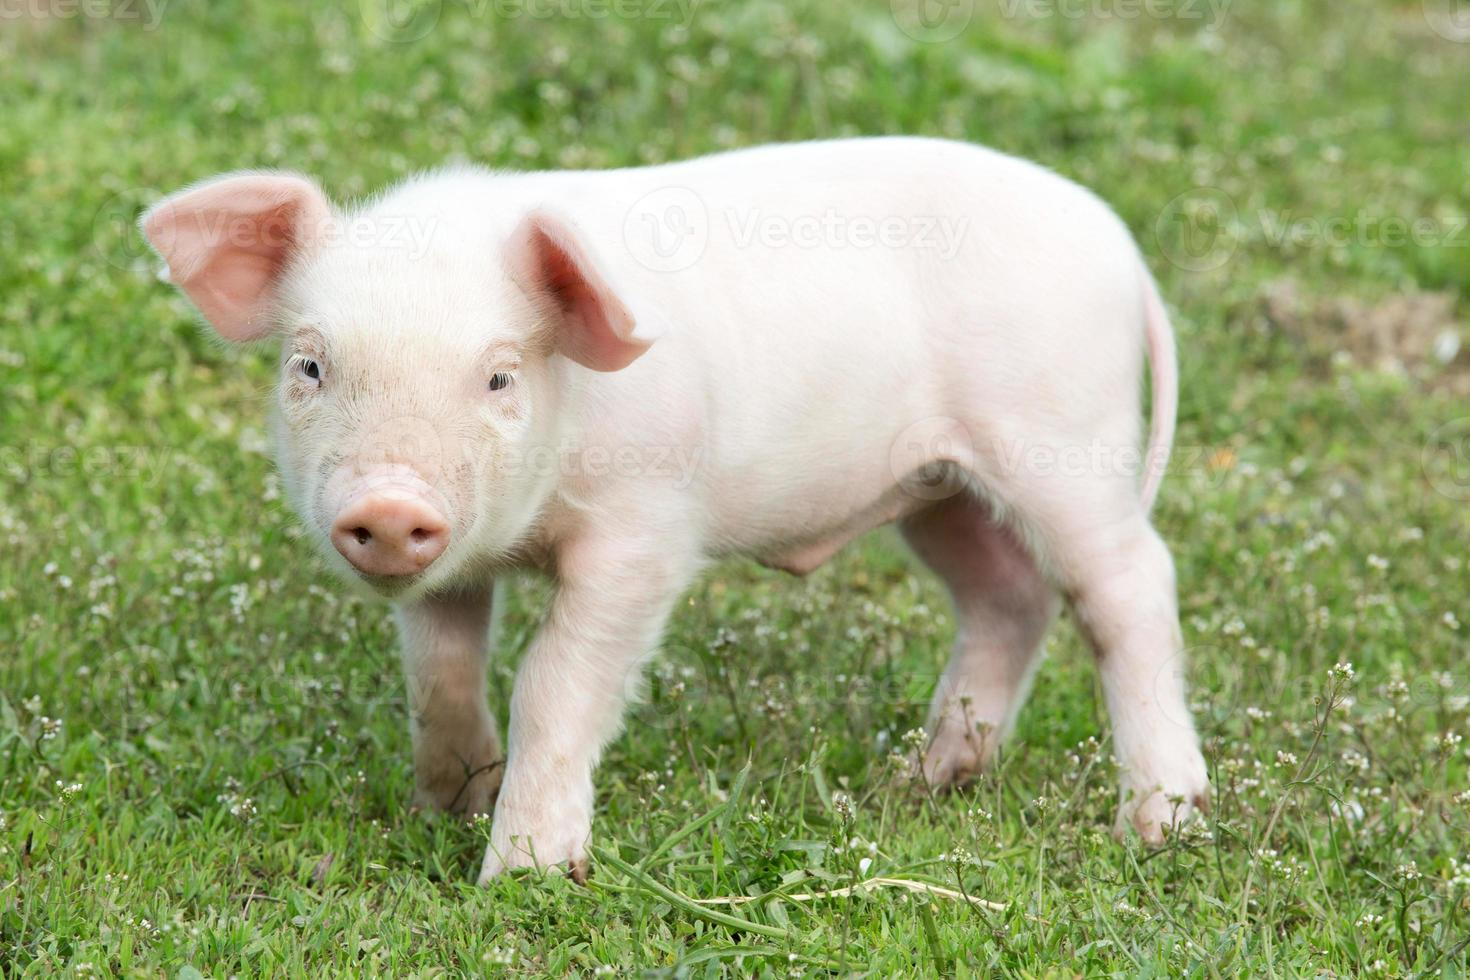 porco jovem foto